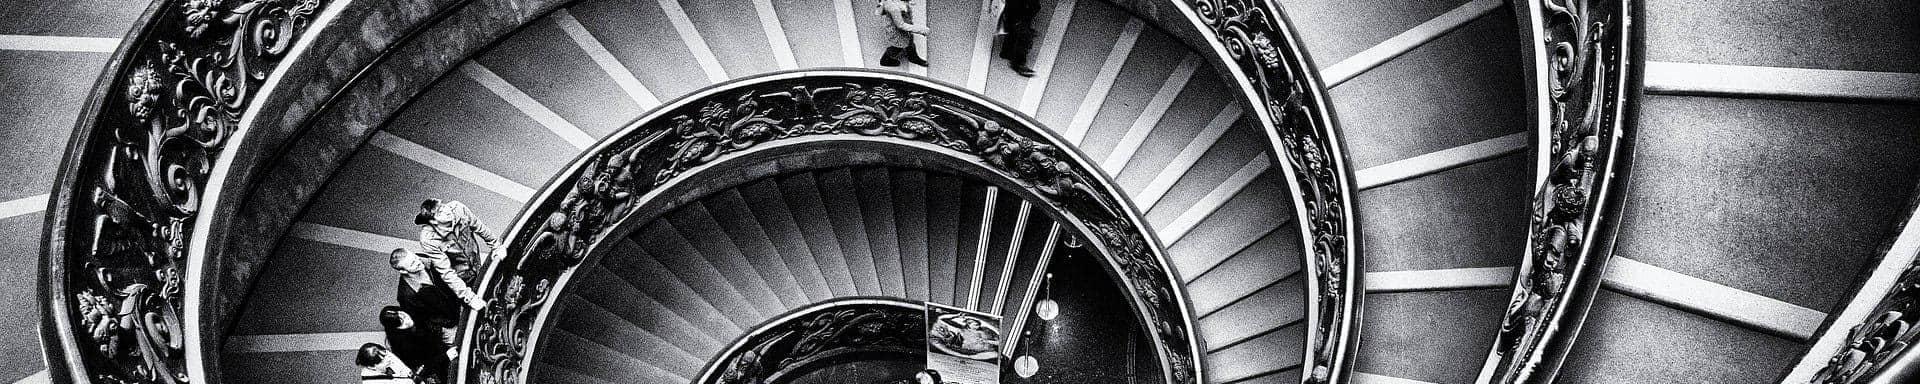 Escadarias em espiral